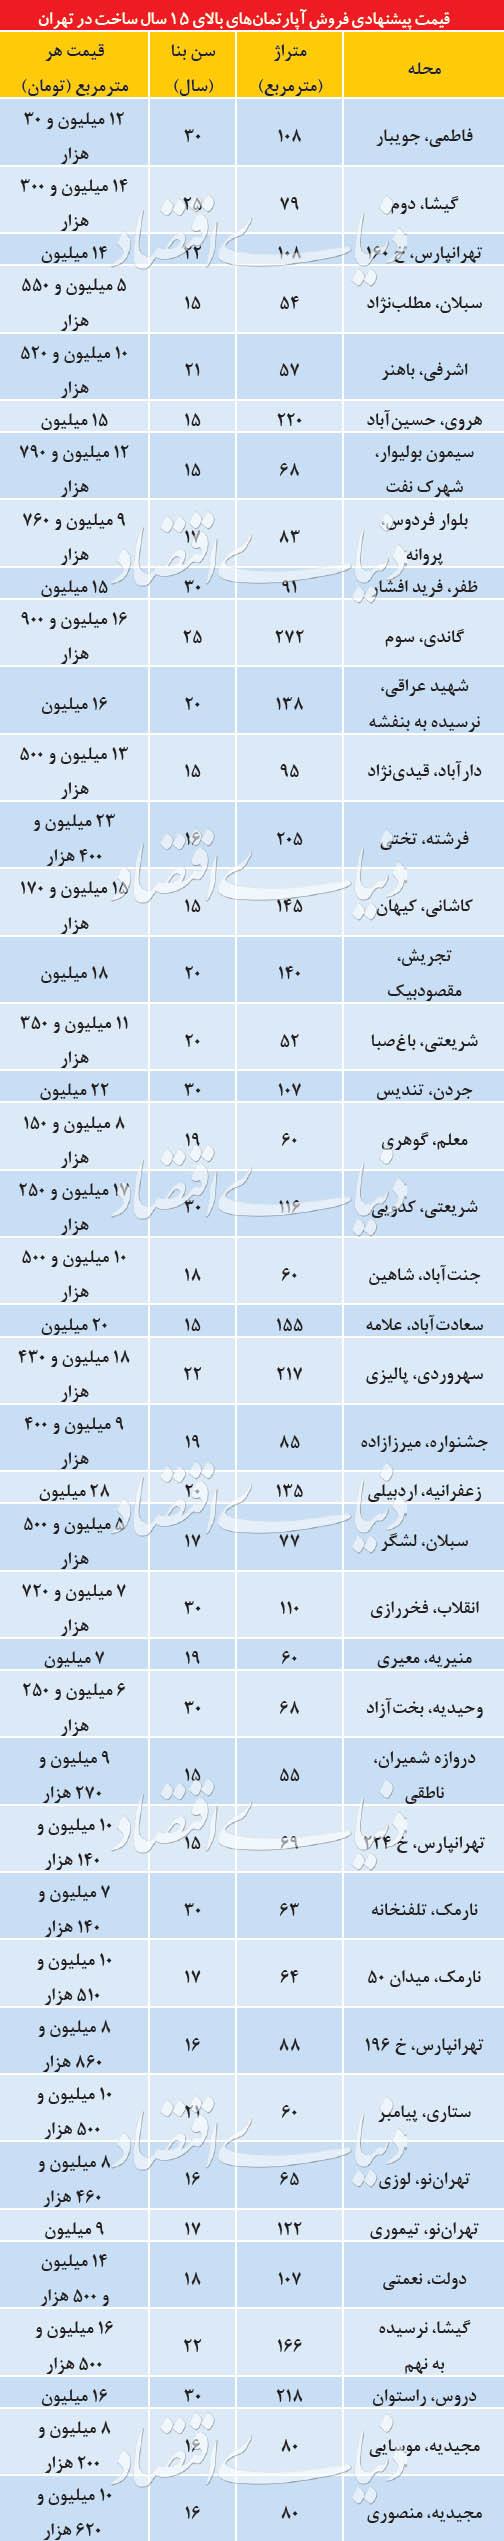 قیمت پیشنهادی فروش آپارتمانهای بالای ۱۵ سال ساخت در تهران - 5